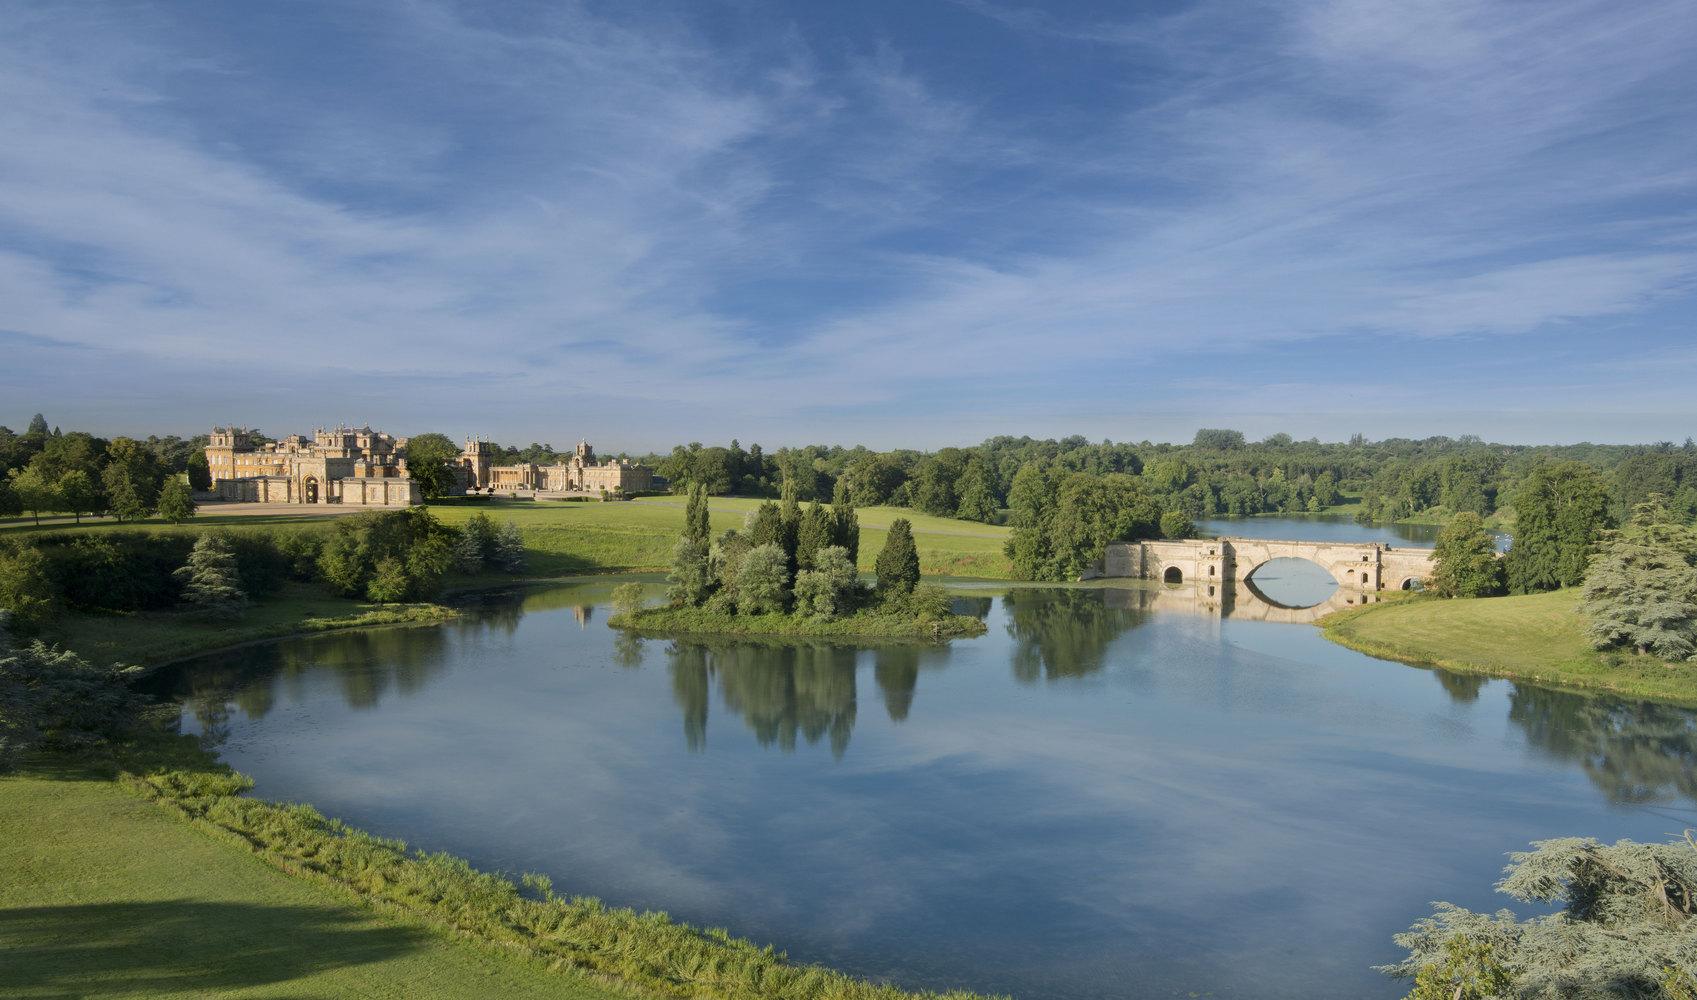 Blenheim Palace Finest Viewп.jpg